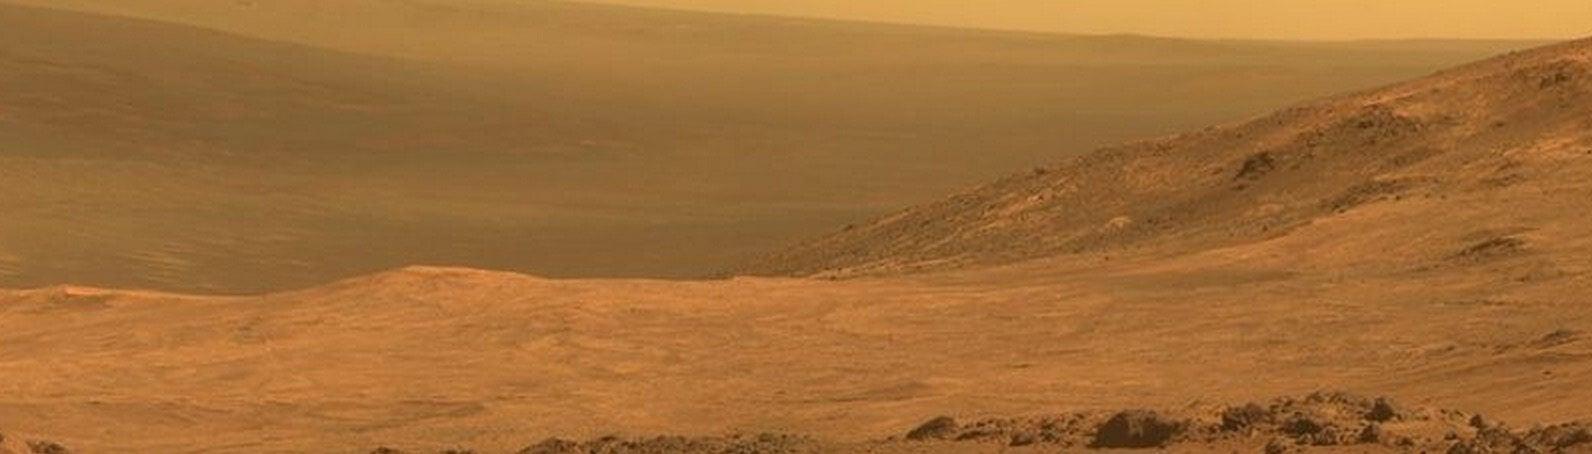 Nasa diz que vida fora do planeta ser descoberta em duas ou trs dcadas handout nasa afp